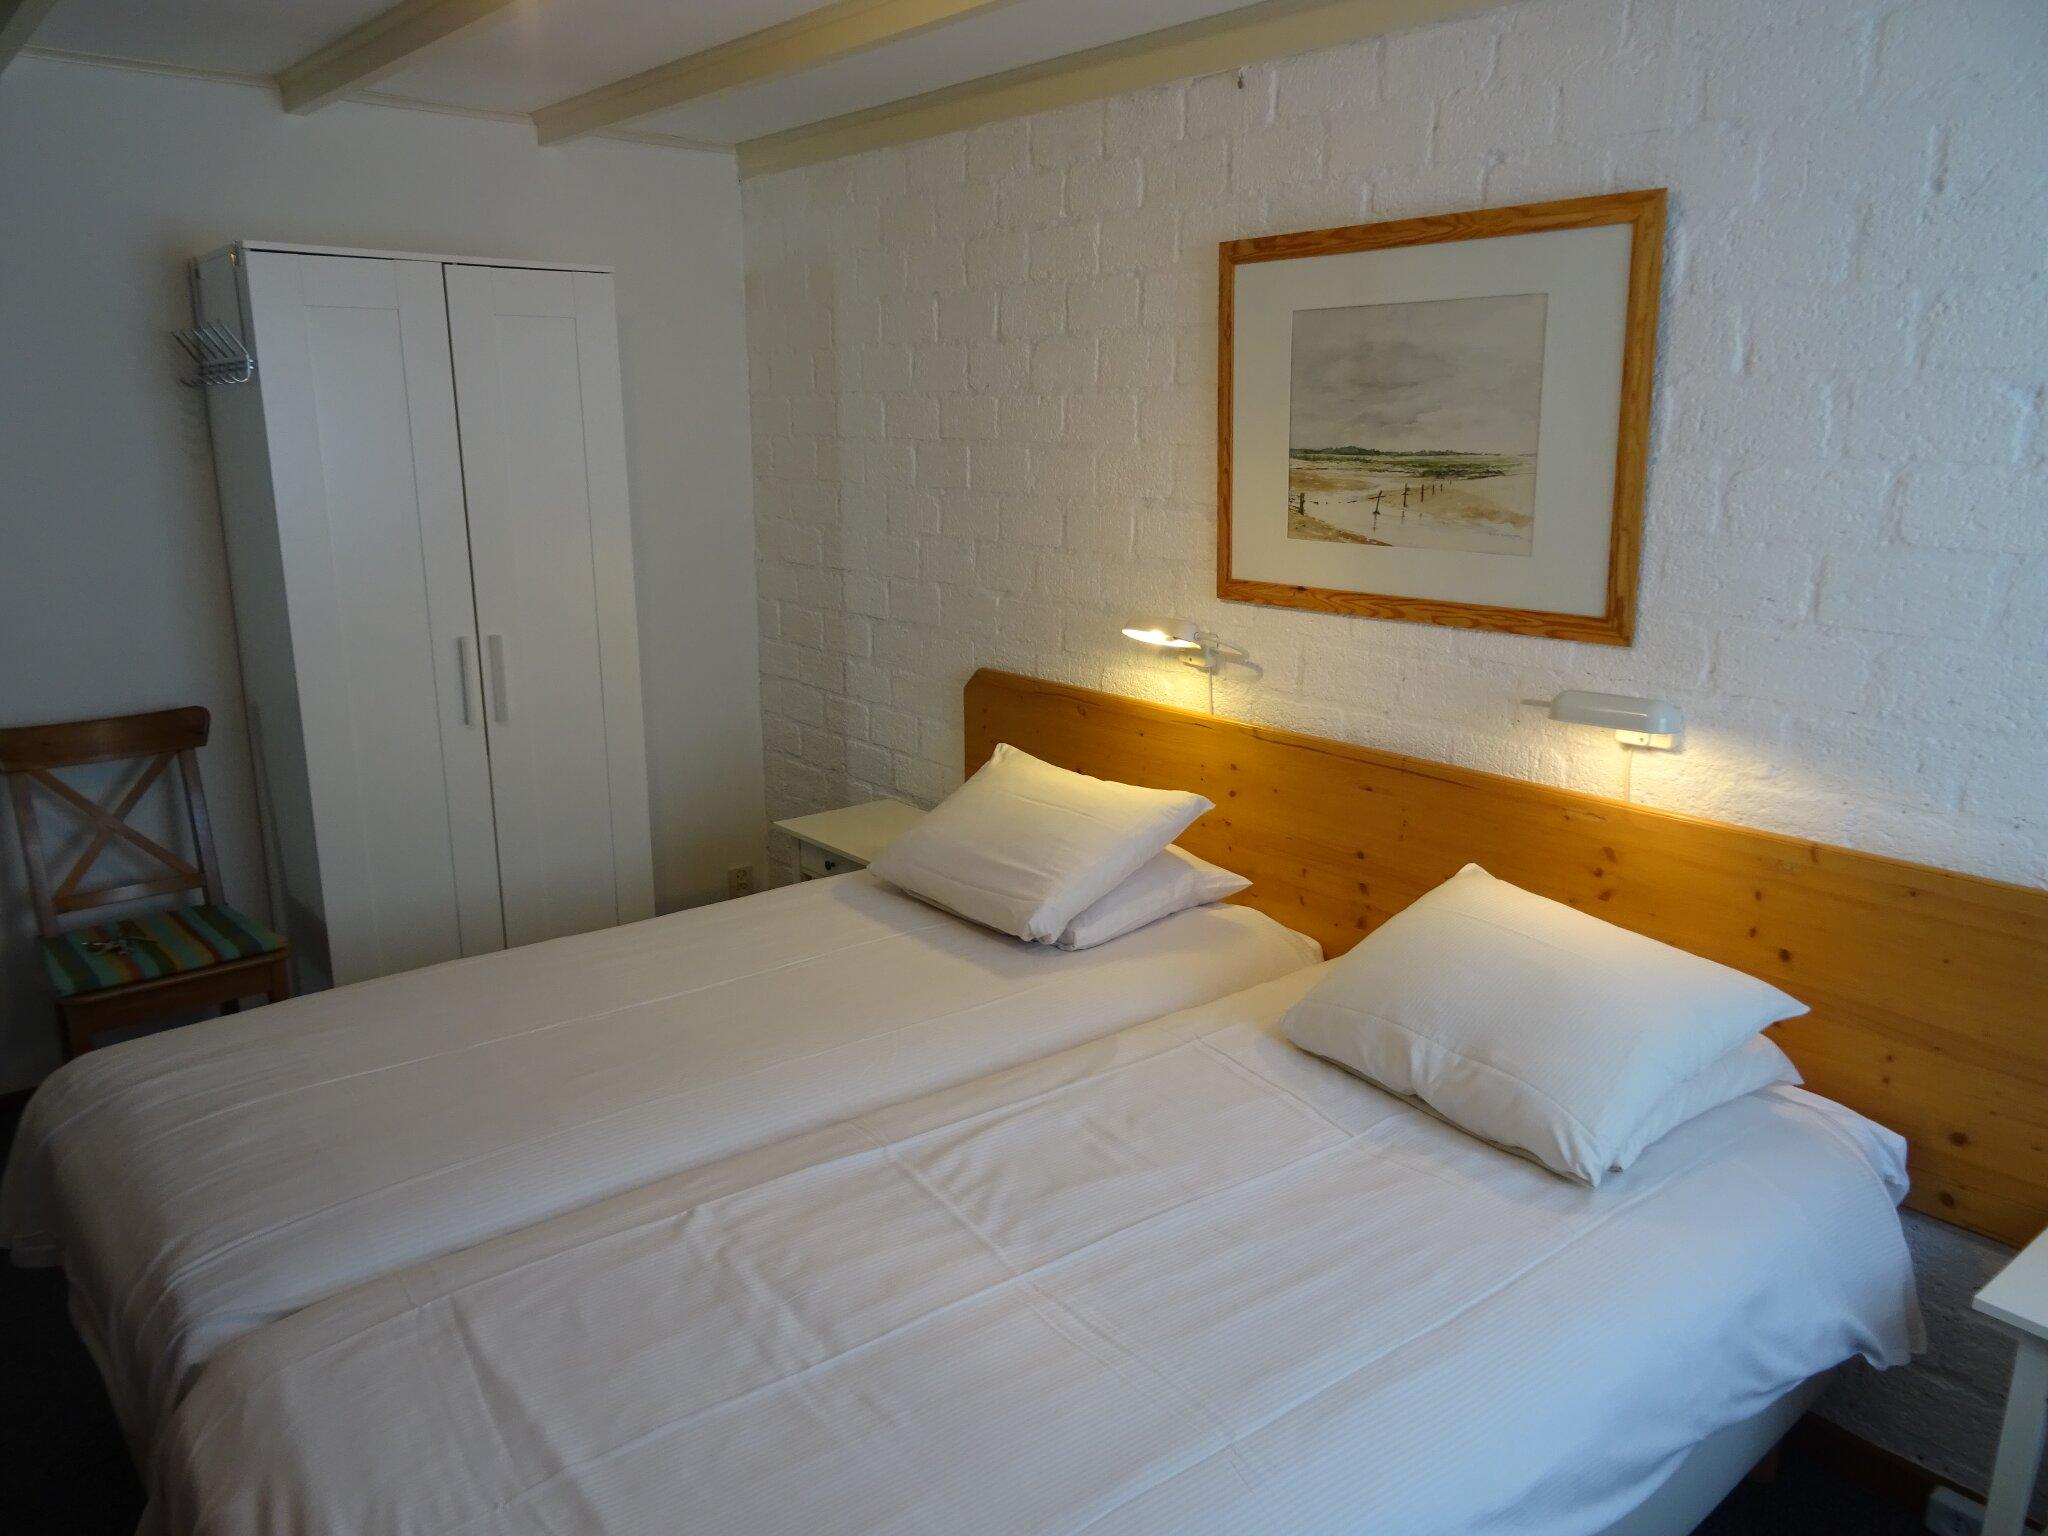 Elternschlafzimmer lange Betten 2x2.20